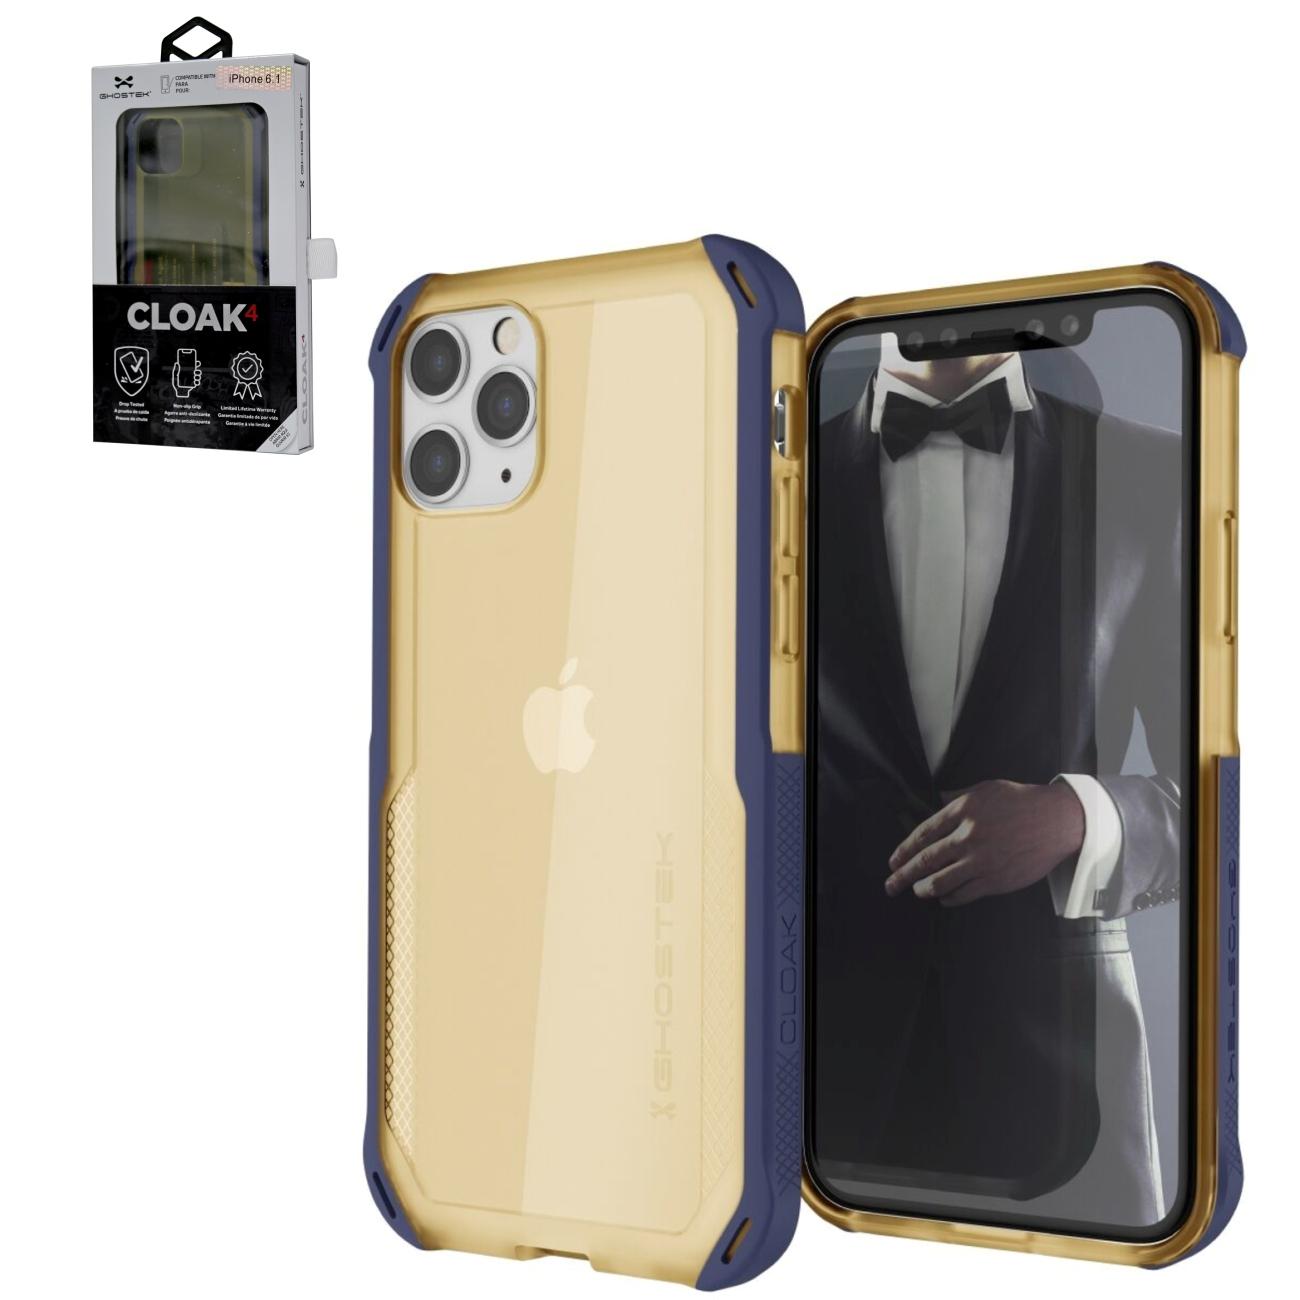 Ghostek Cloak4 Blue/Gold Shockproof Hybrid Case for Apple iPhone 11 Pro